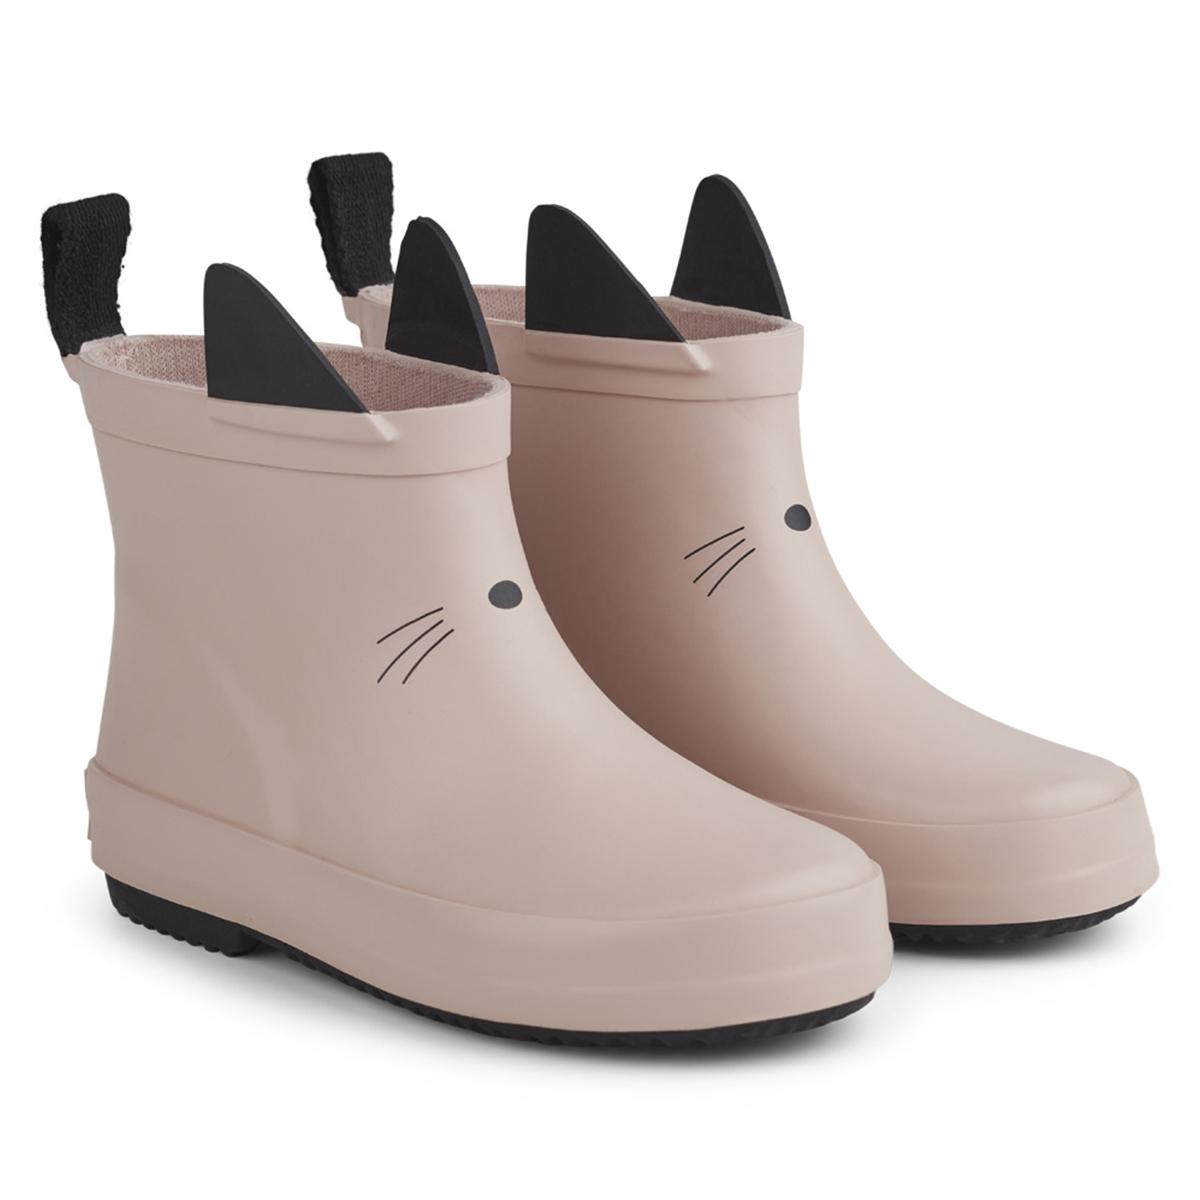 Chaussons & Chaussures Bottes de Pluie Tobi Cat Rose - 23